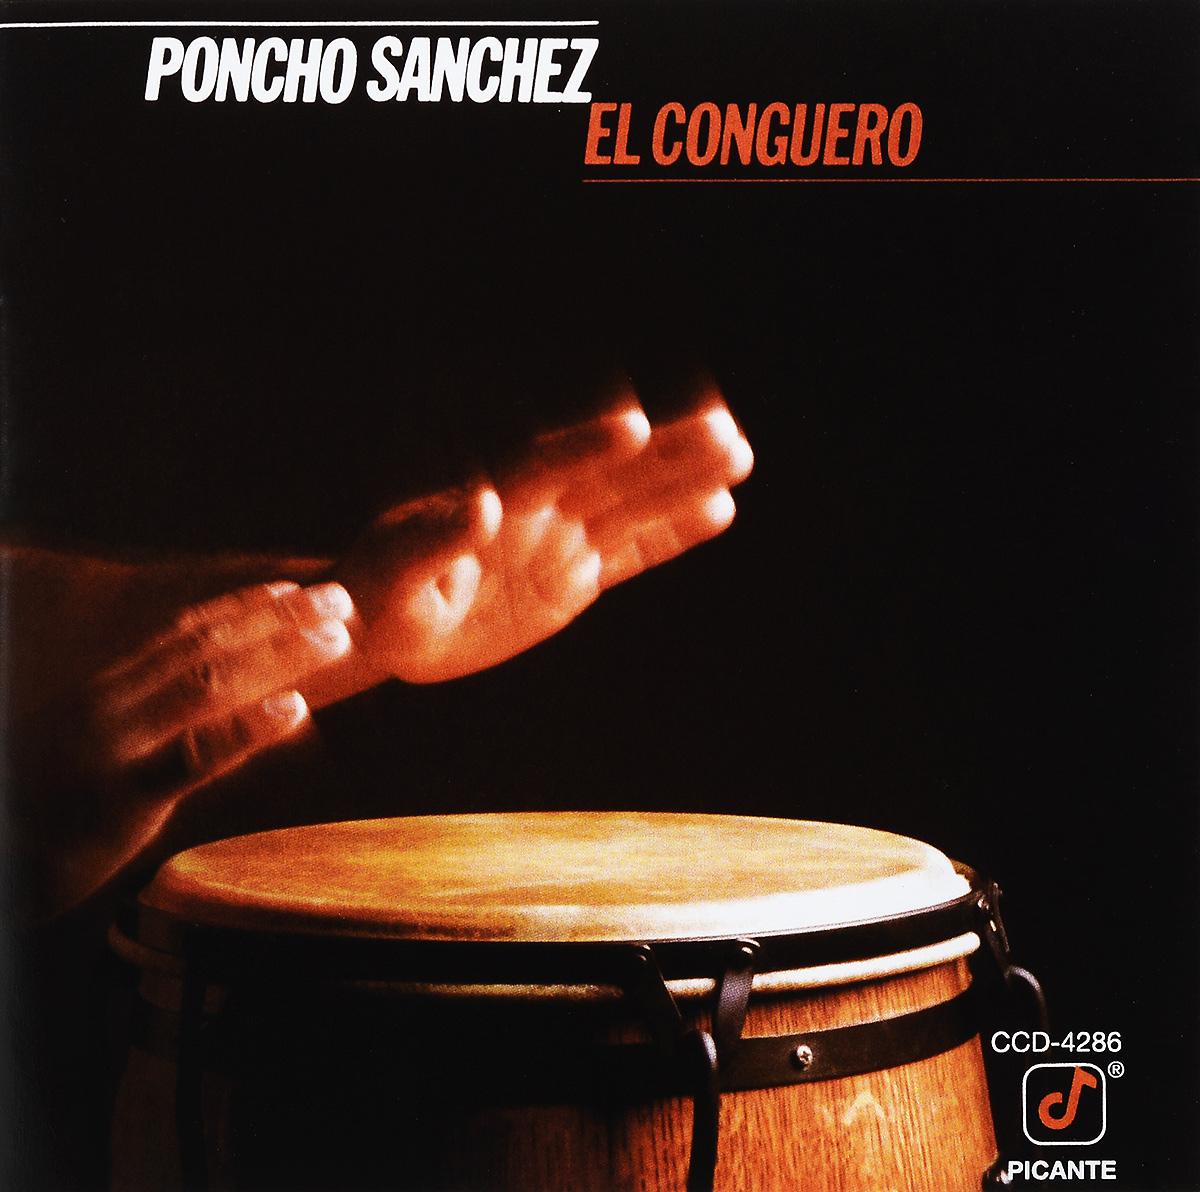 Poncho Sanchez. El Conguero